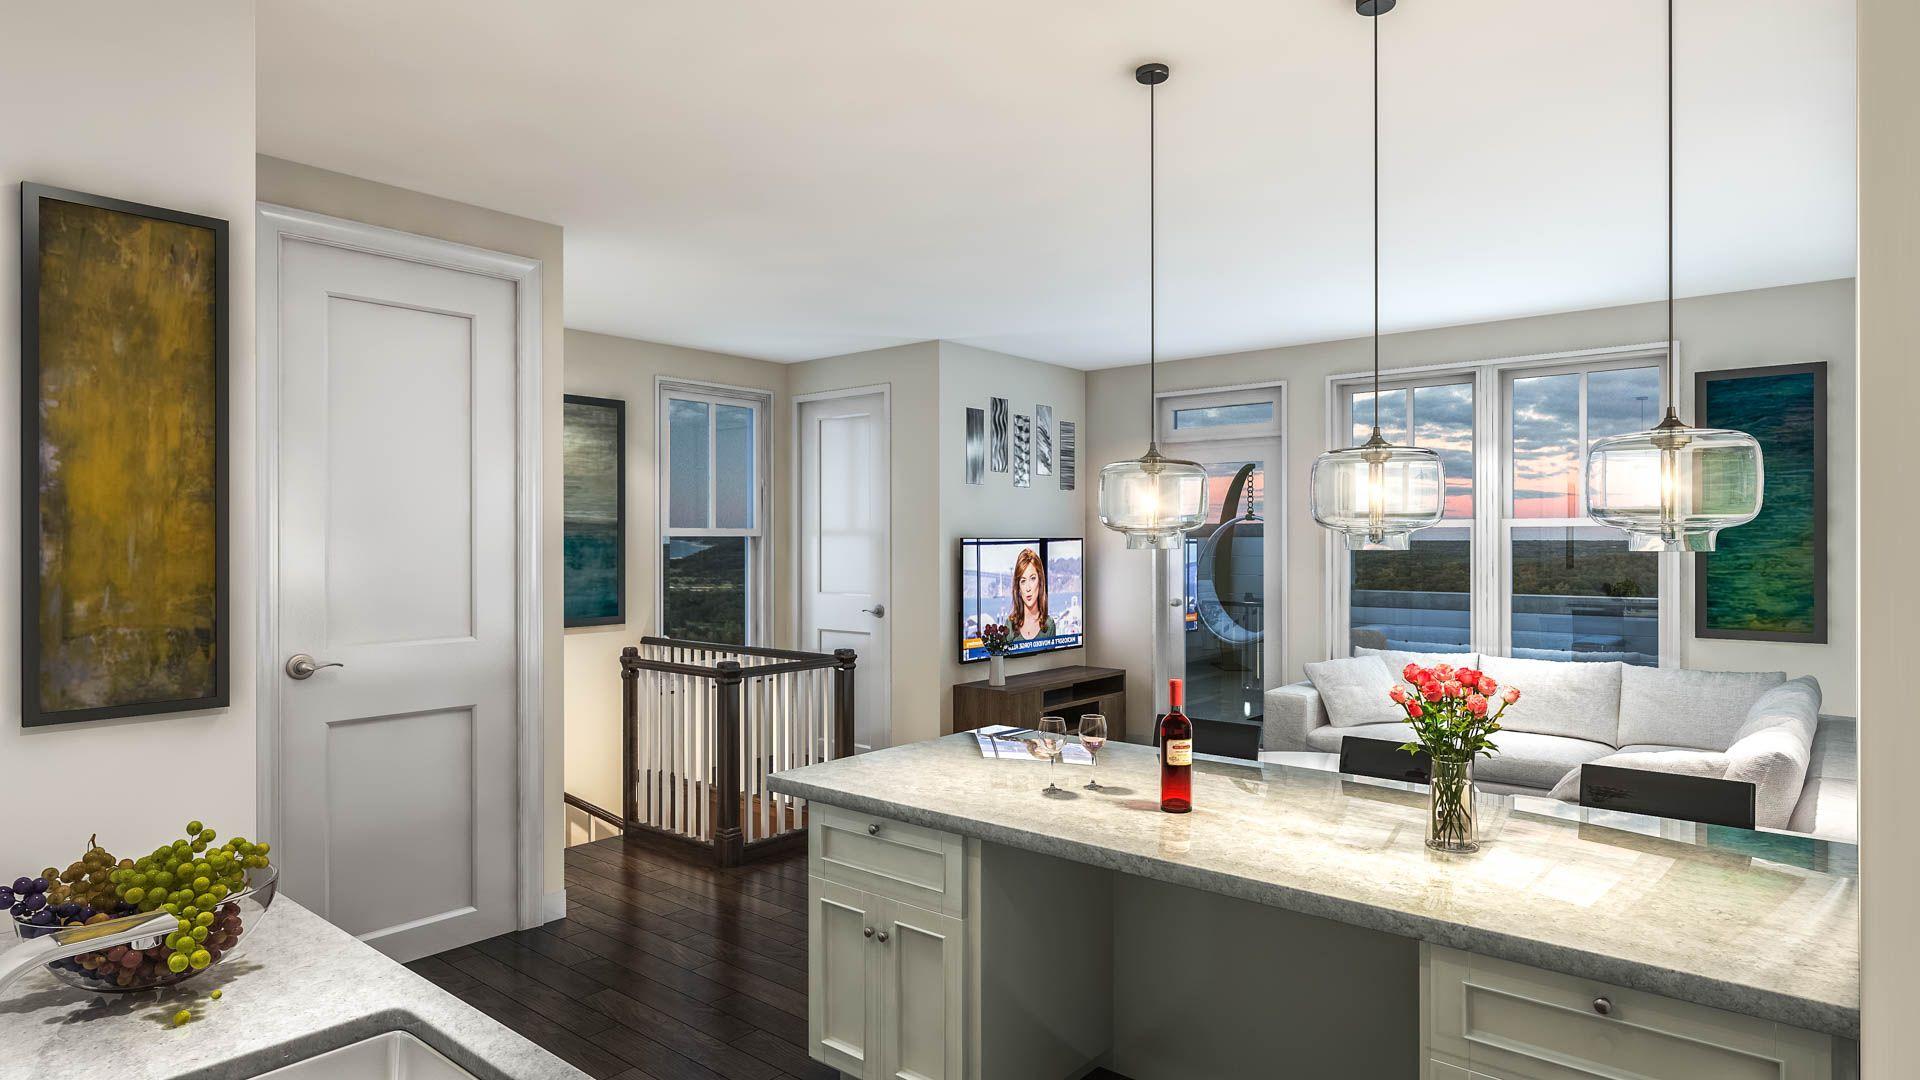 Kitchen featured in The Vanderbilt By Wormald Homes in Washington, MD